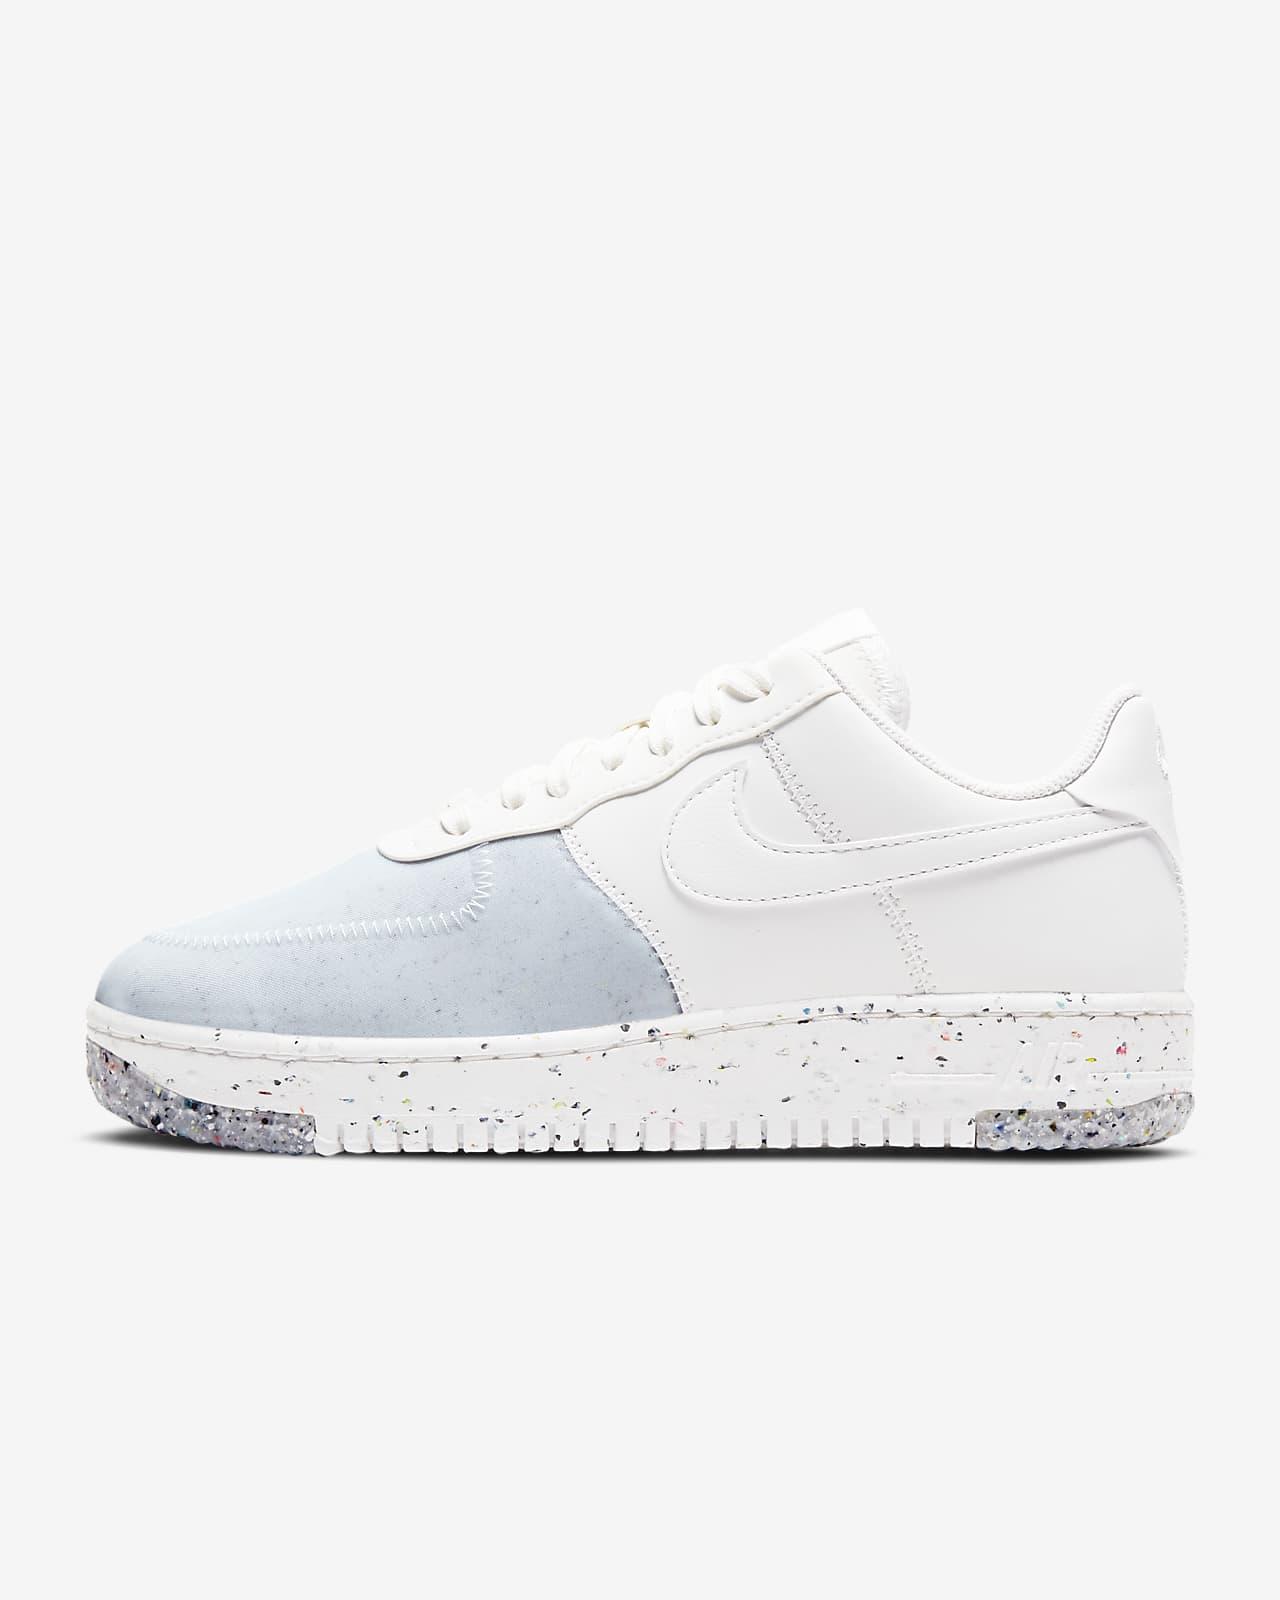 air force 1 mujer nike blancas